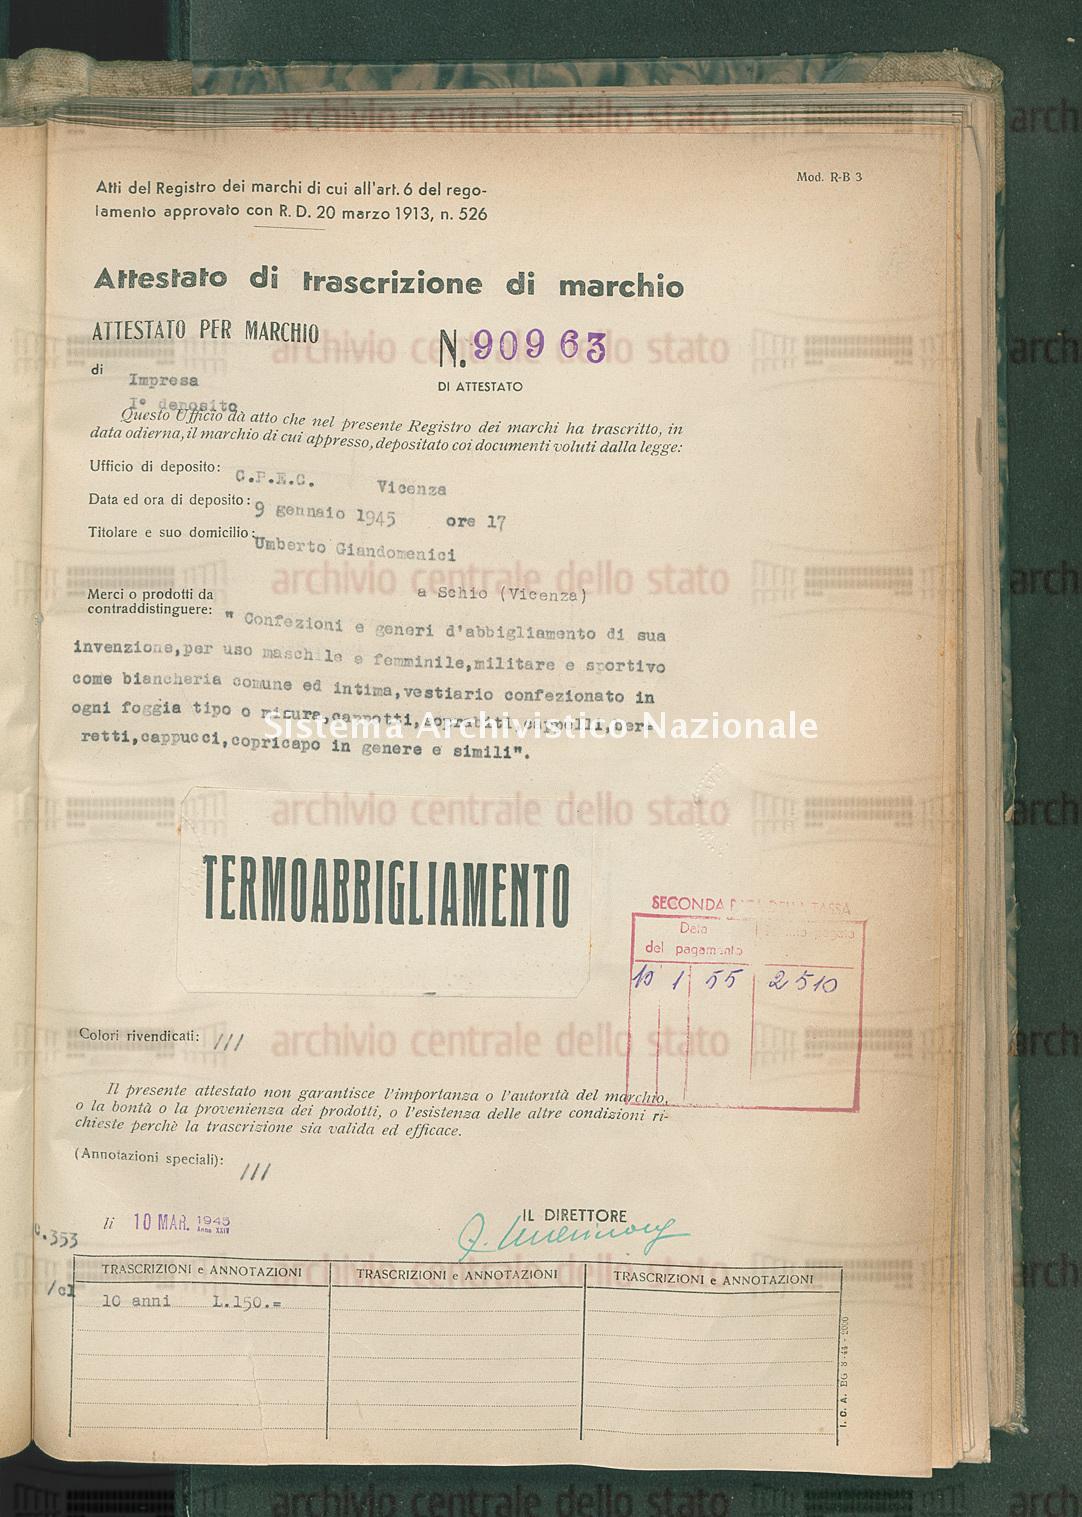 'Confezioni e generi d'abbigliamento di sua invenzione, per uso ecc. Umberto Giandomenici (10/03/1945)